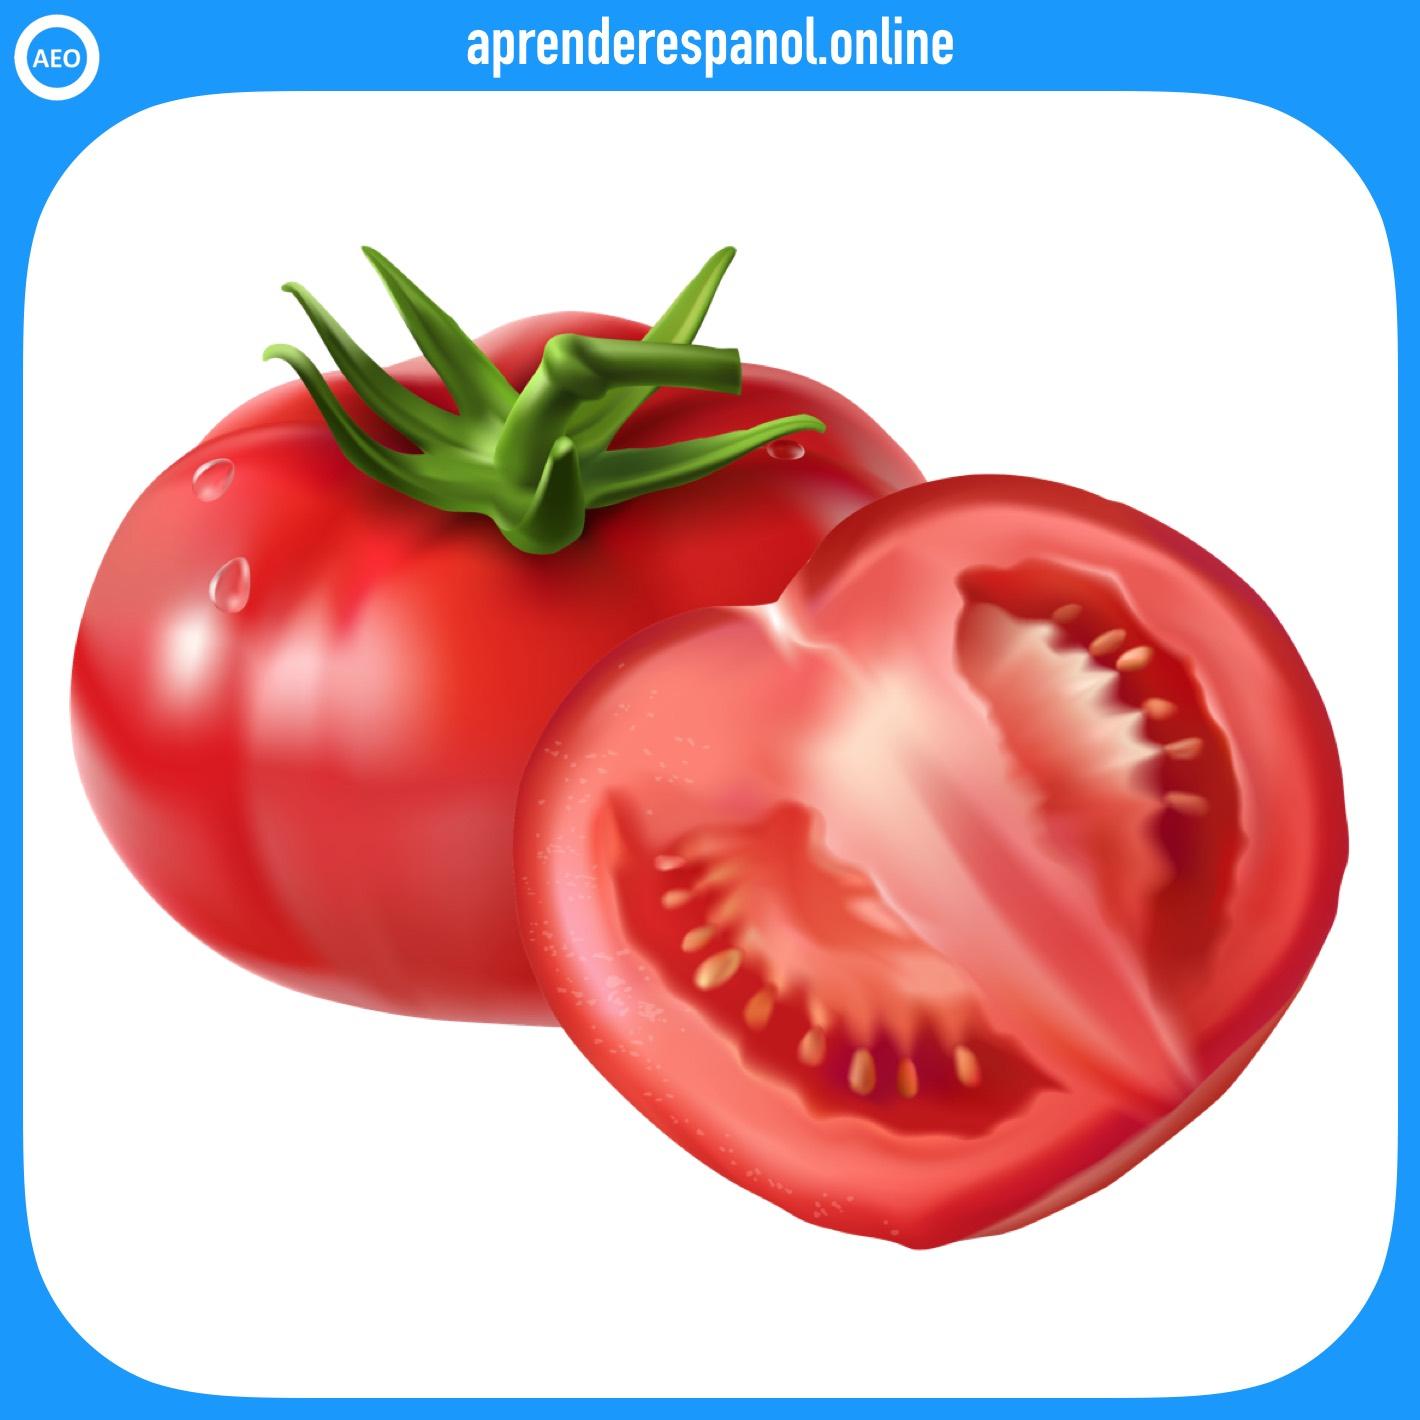 tomate | verduras en español | vocabulario de las verduras en español